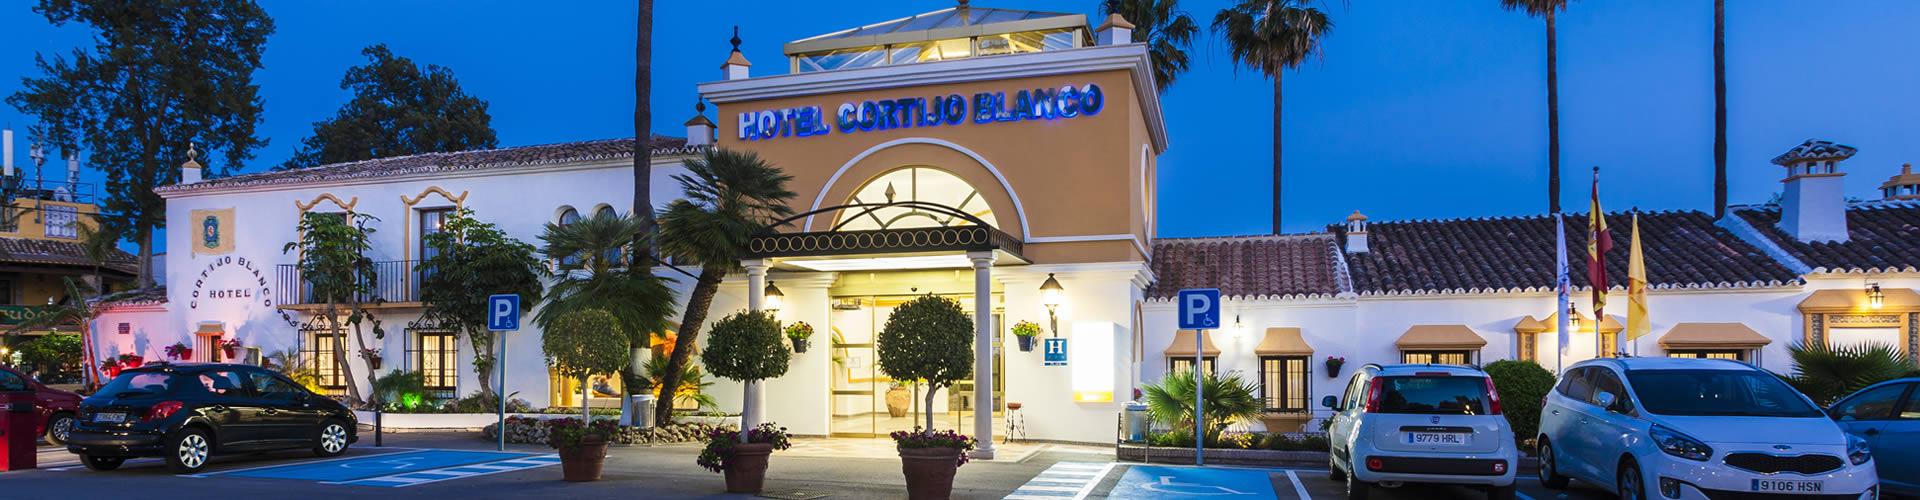 Globales cortijo blanco hotel in marbella hoteles globales for Blanco hotel